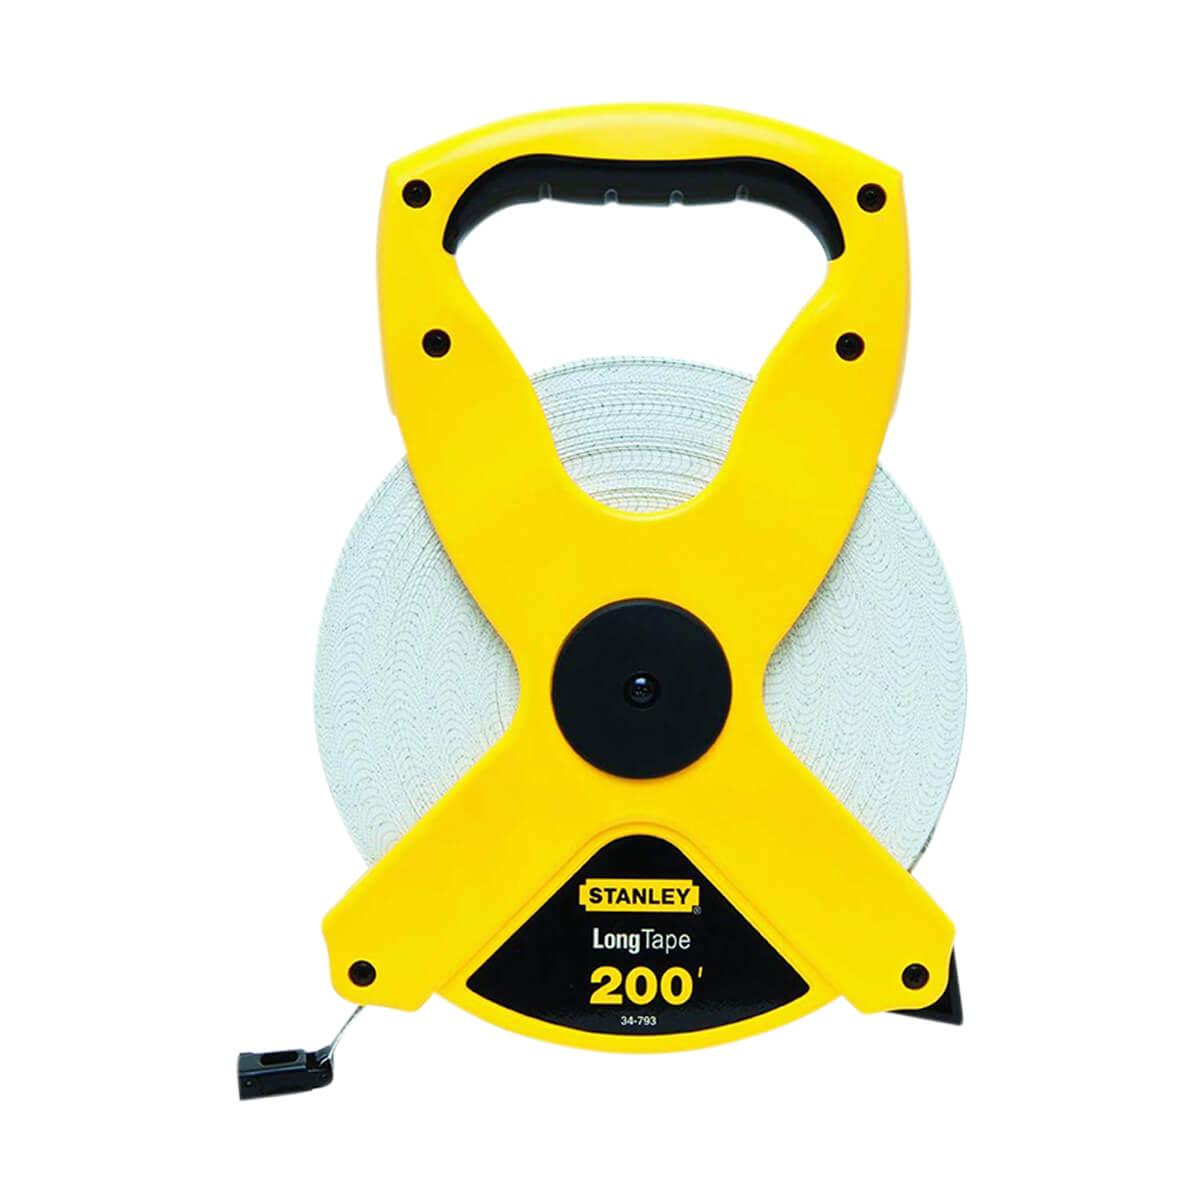 """Stanley Open Reel Fiberglass Long Tape Rule - Length: 200' - Width: 1/2"""""""